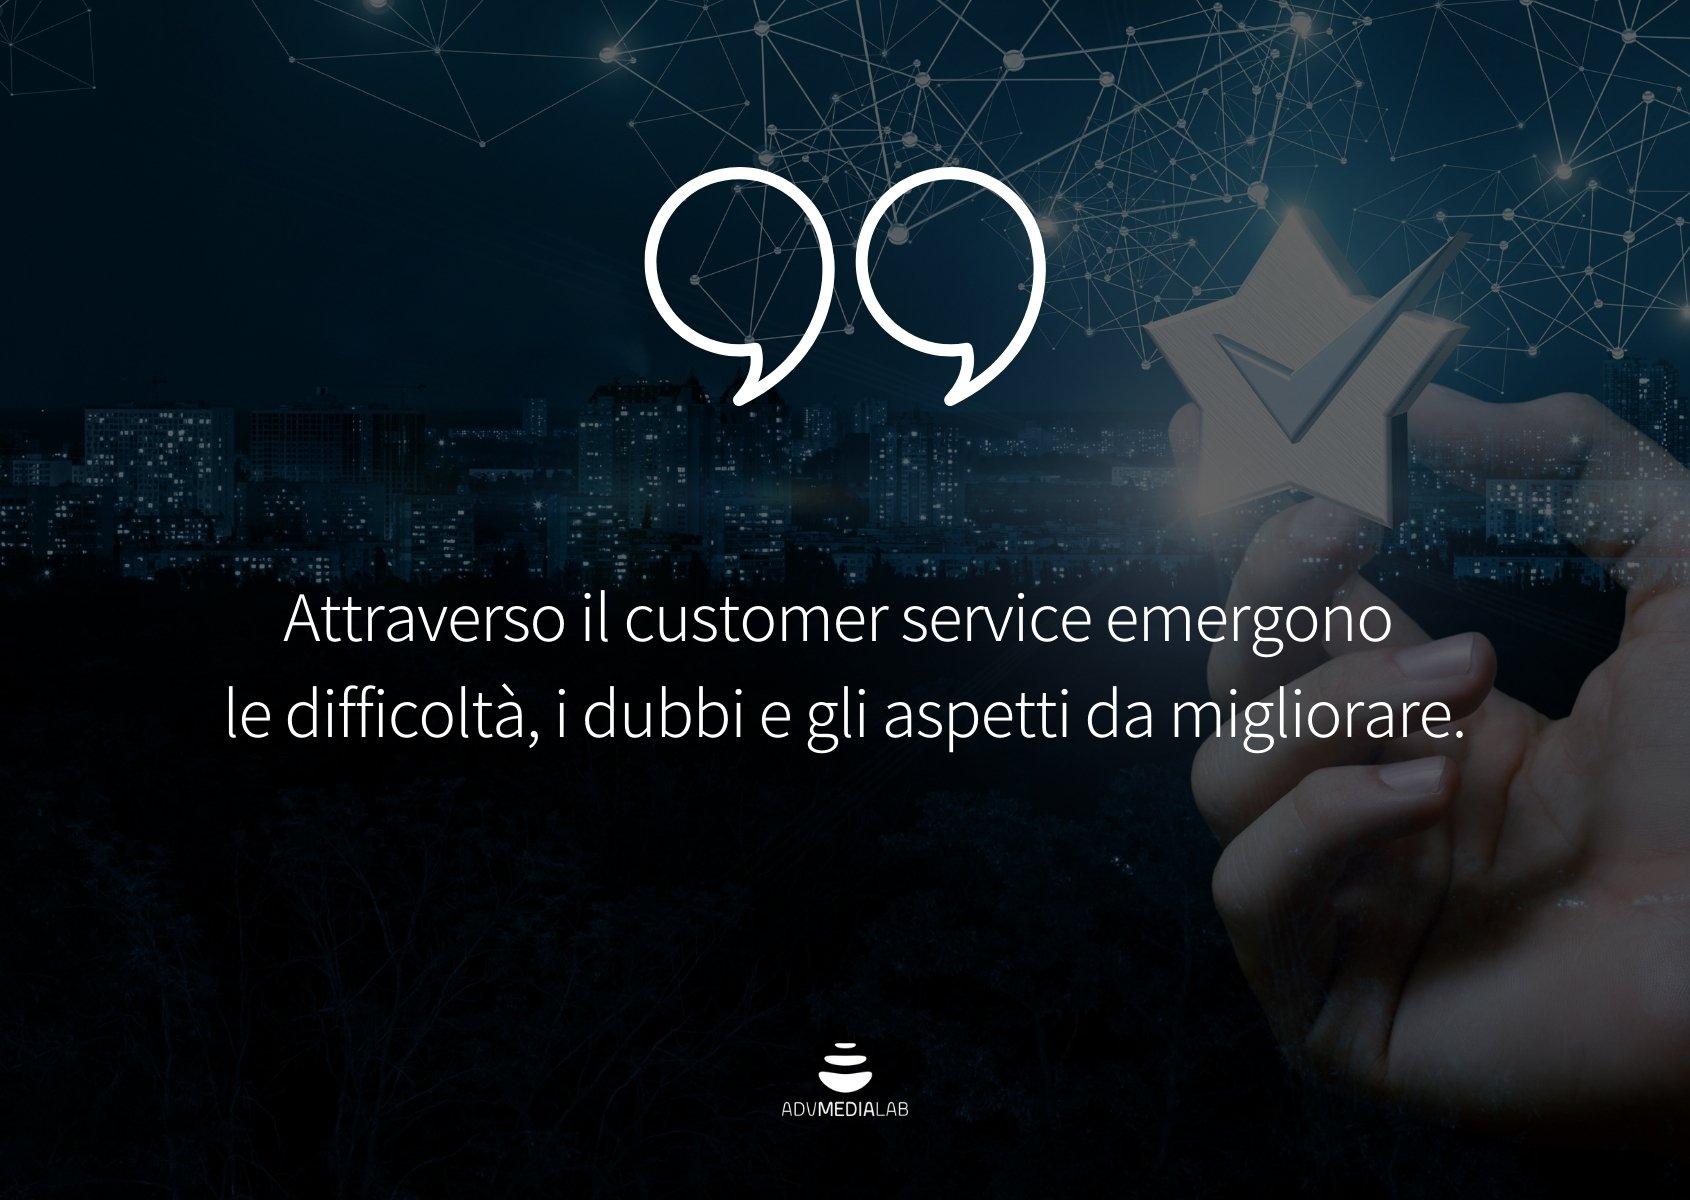 """QUOTE: """"Attraverso il customer service emergono le difficoltà, i dubbi e gli aspetti da migliorare"""""""